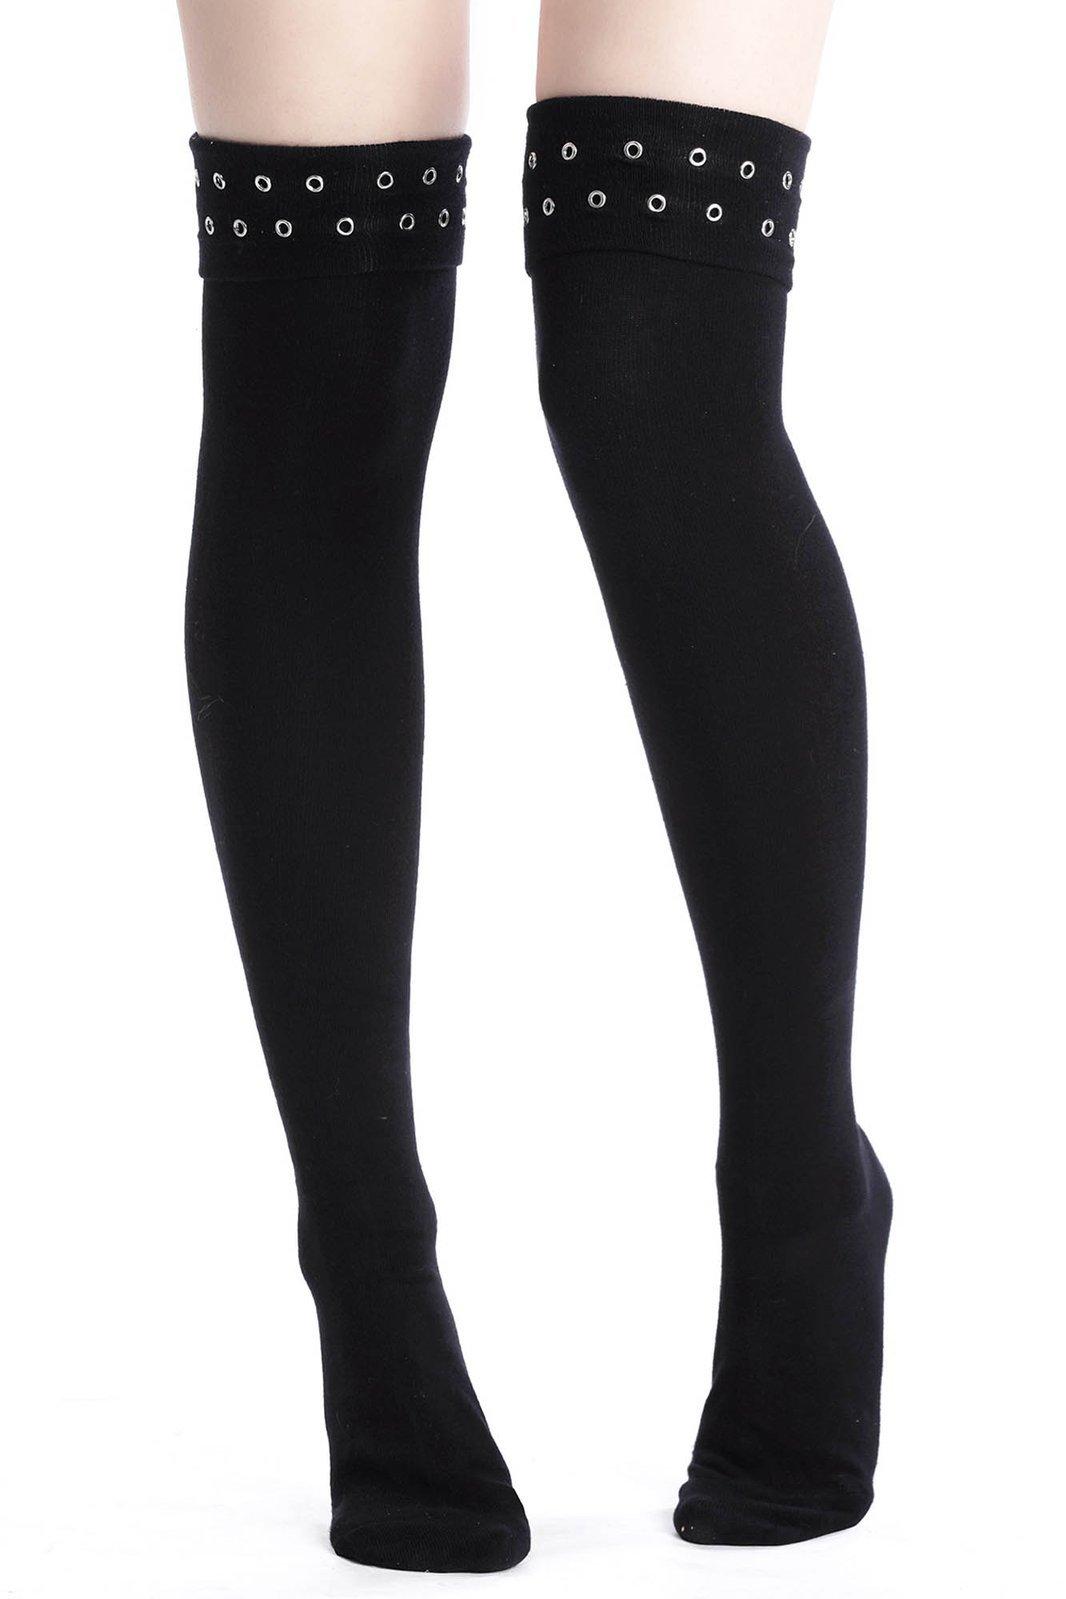 Carley Long Socks - One Size image